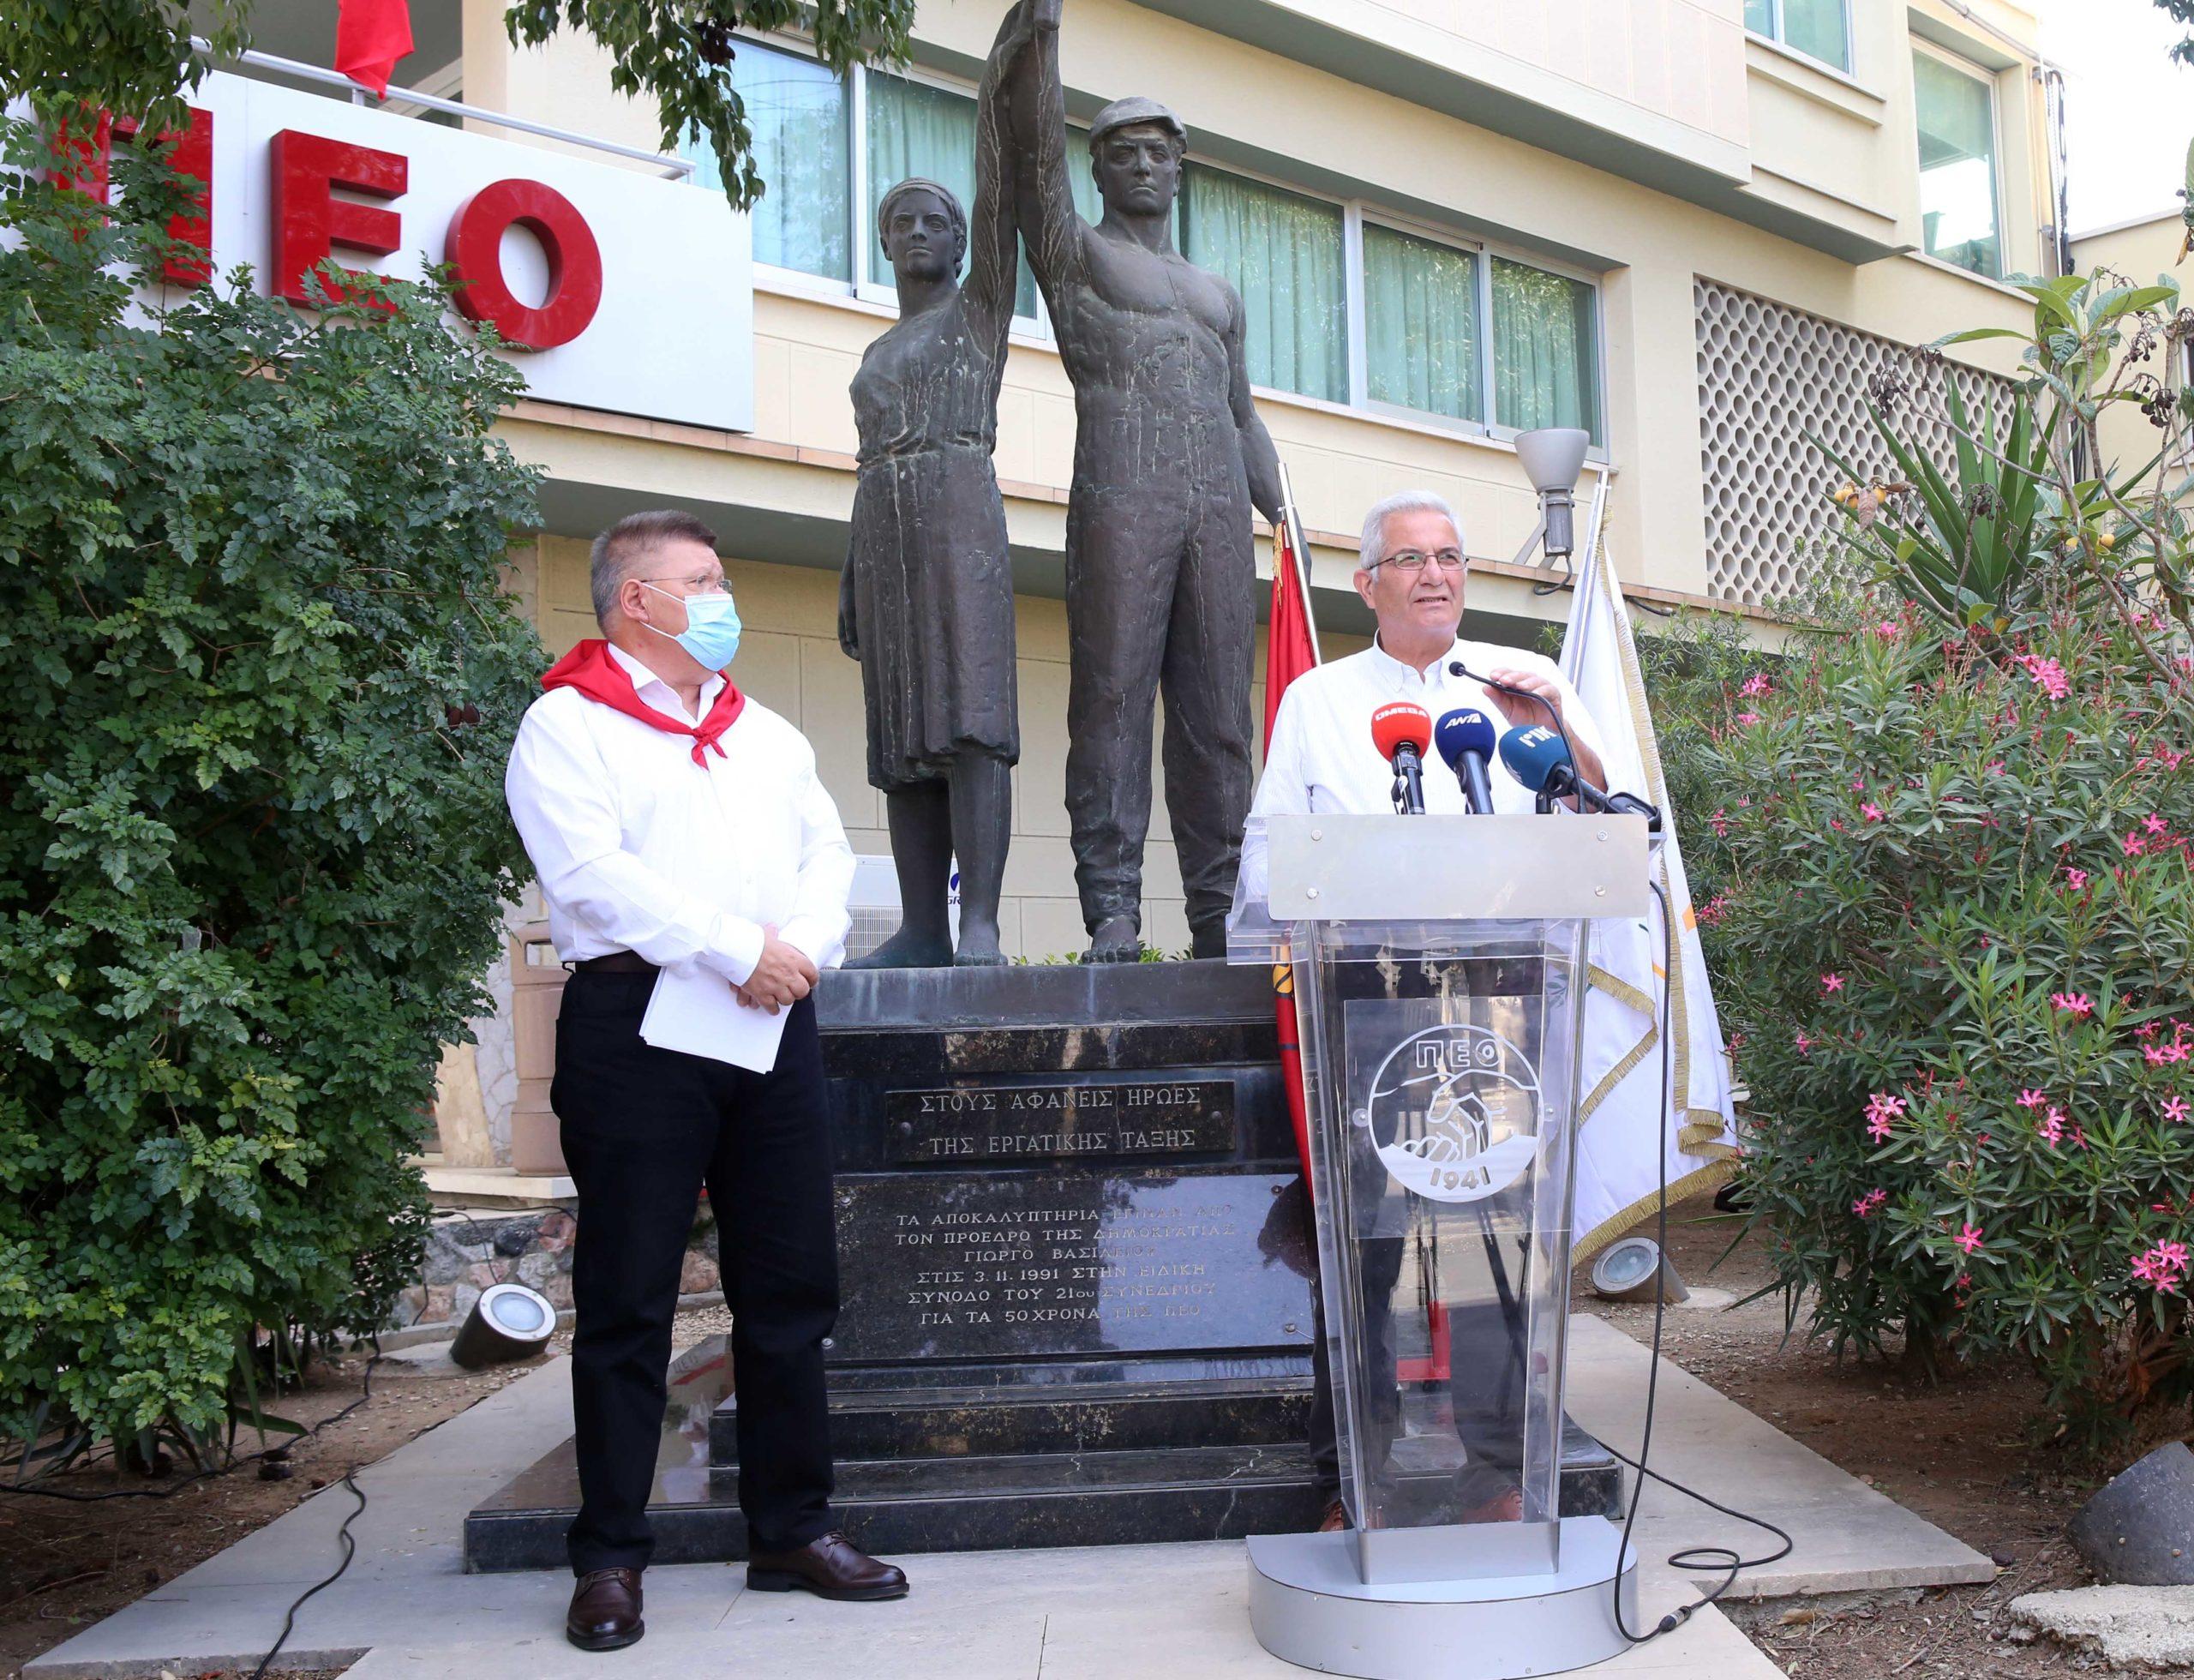 ΠΕΟ Συμβολική εκδήλωση για την Εργατική Πρωτομαγιά PROTOMAGIA PEO AKEL 20 scaled